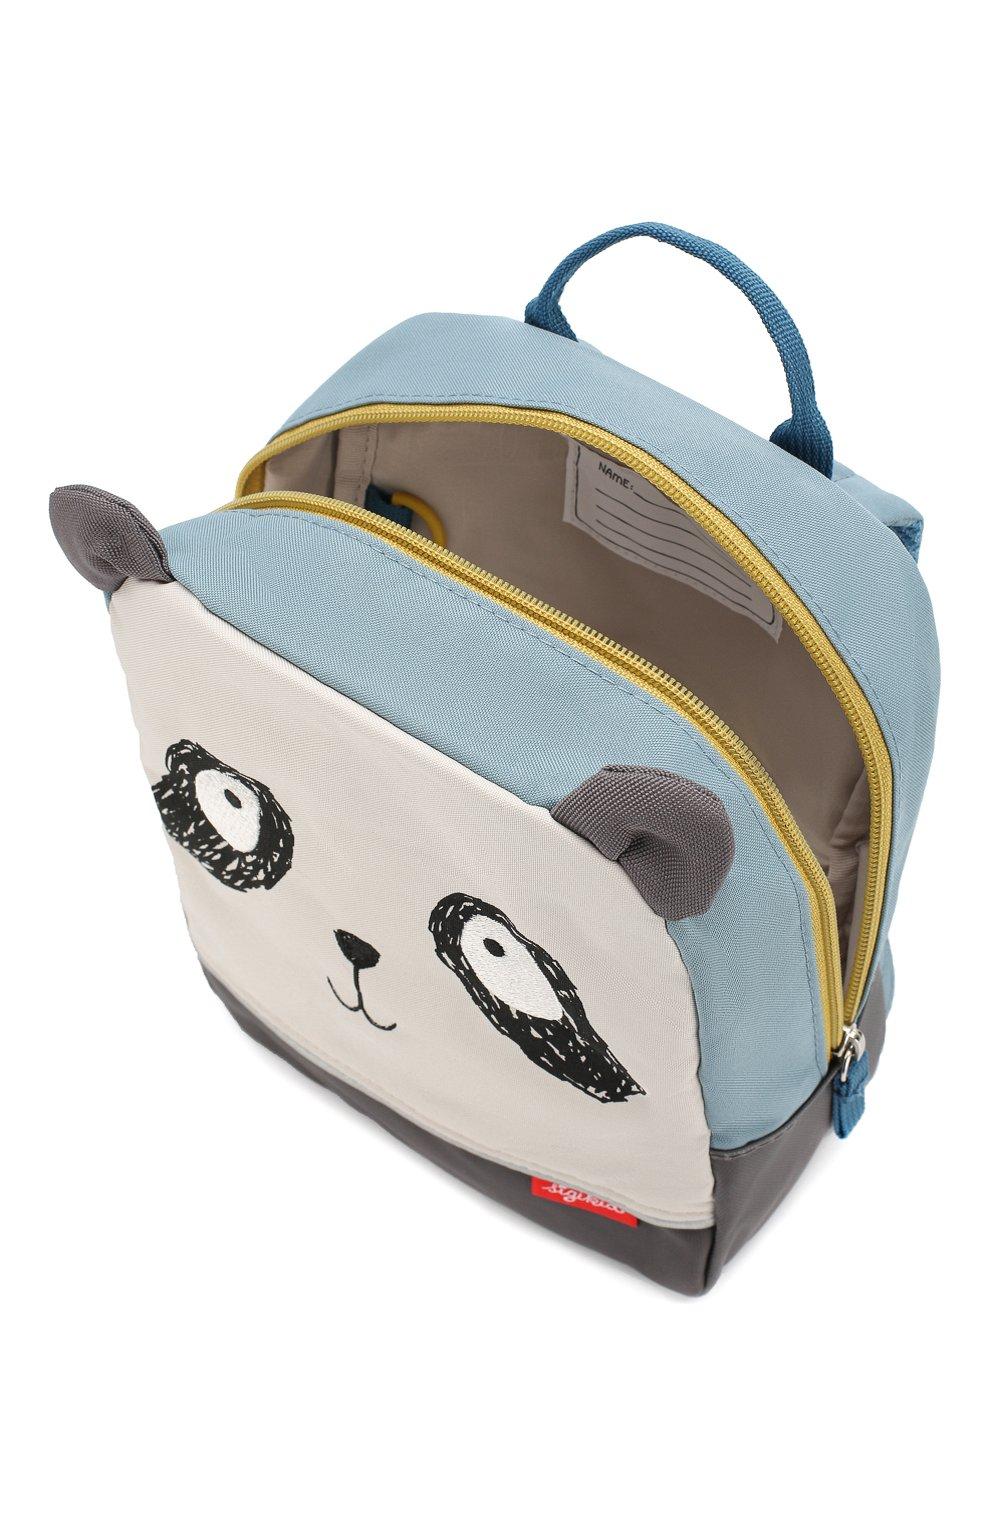 Детская рюкзак панда SIGIKID разноцветного цвета, арт. 24970 | Фото 3